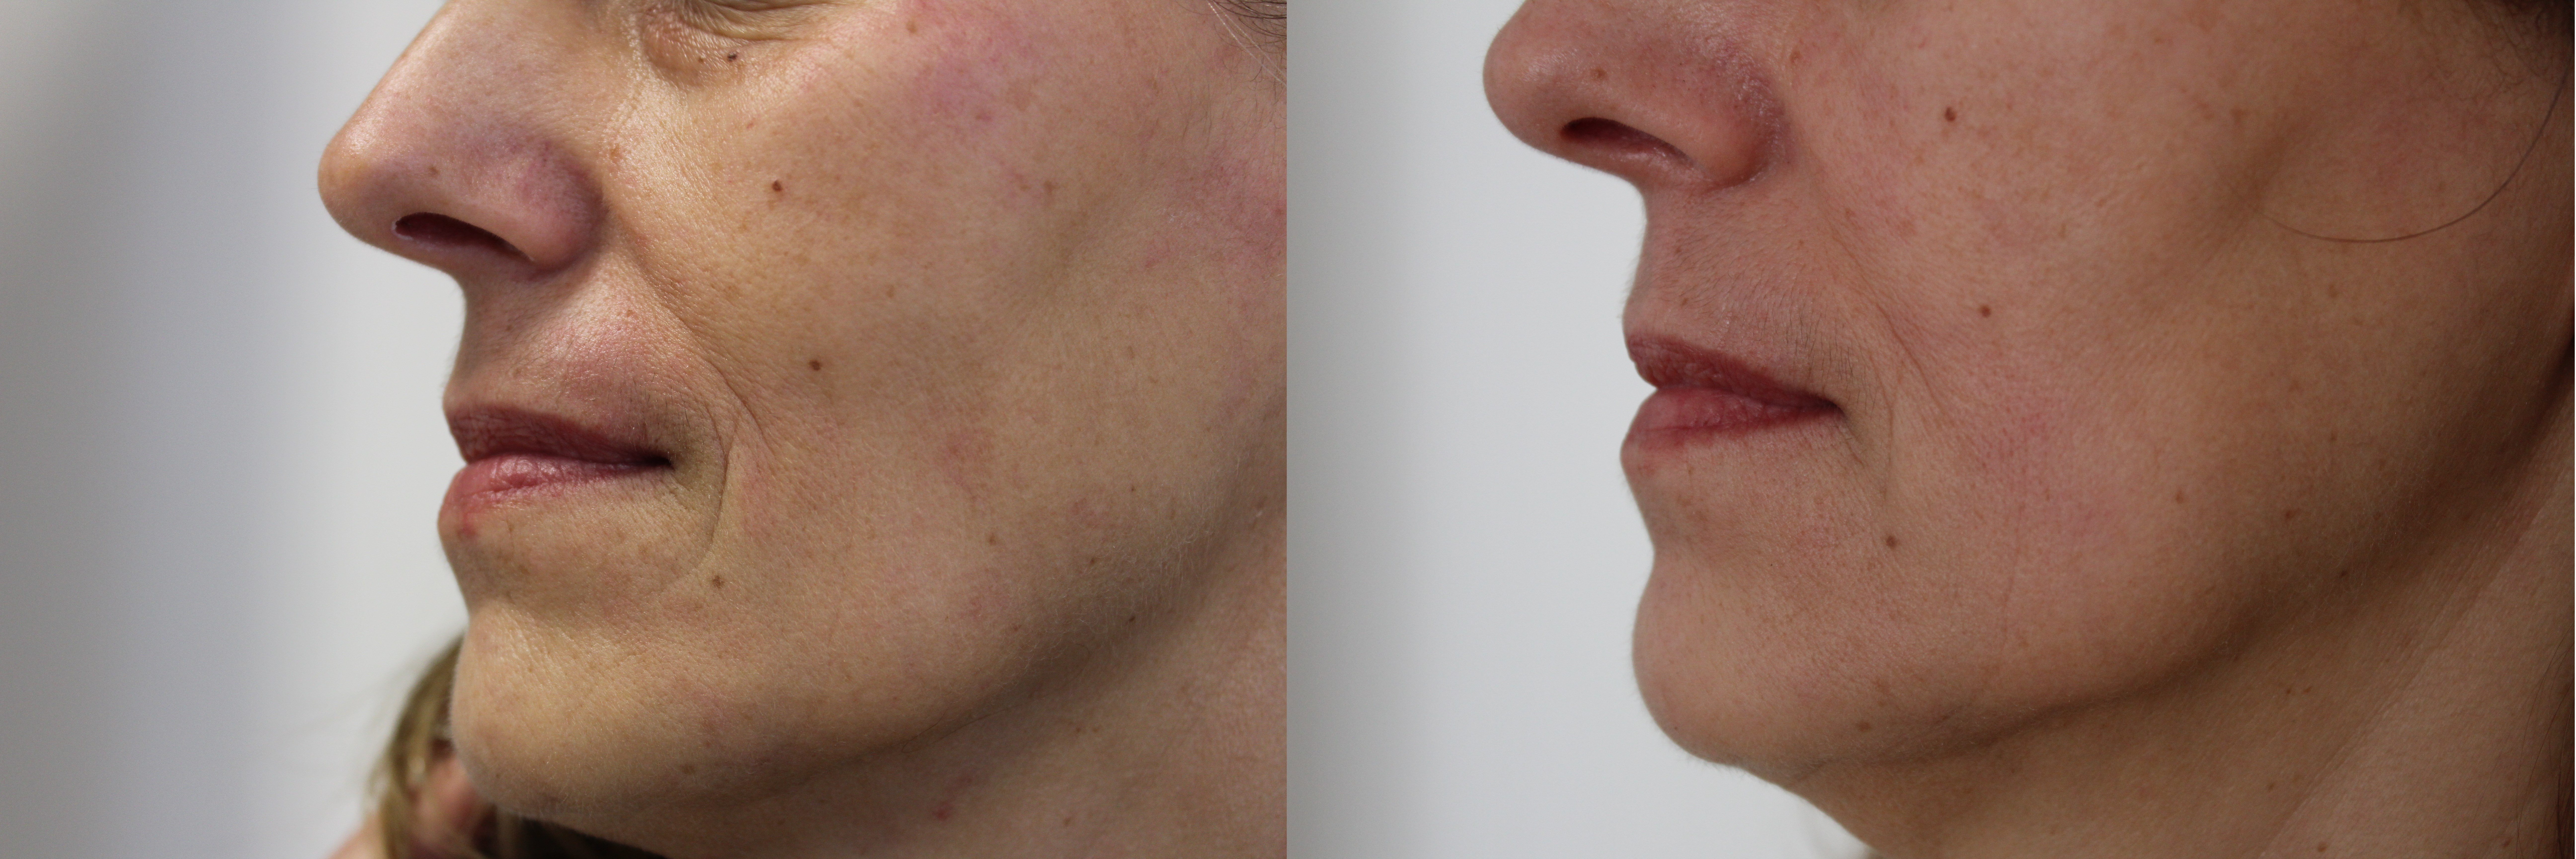 zona bocca przed i po